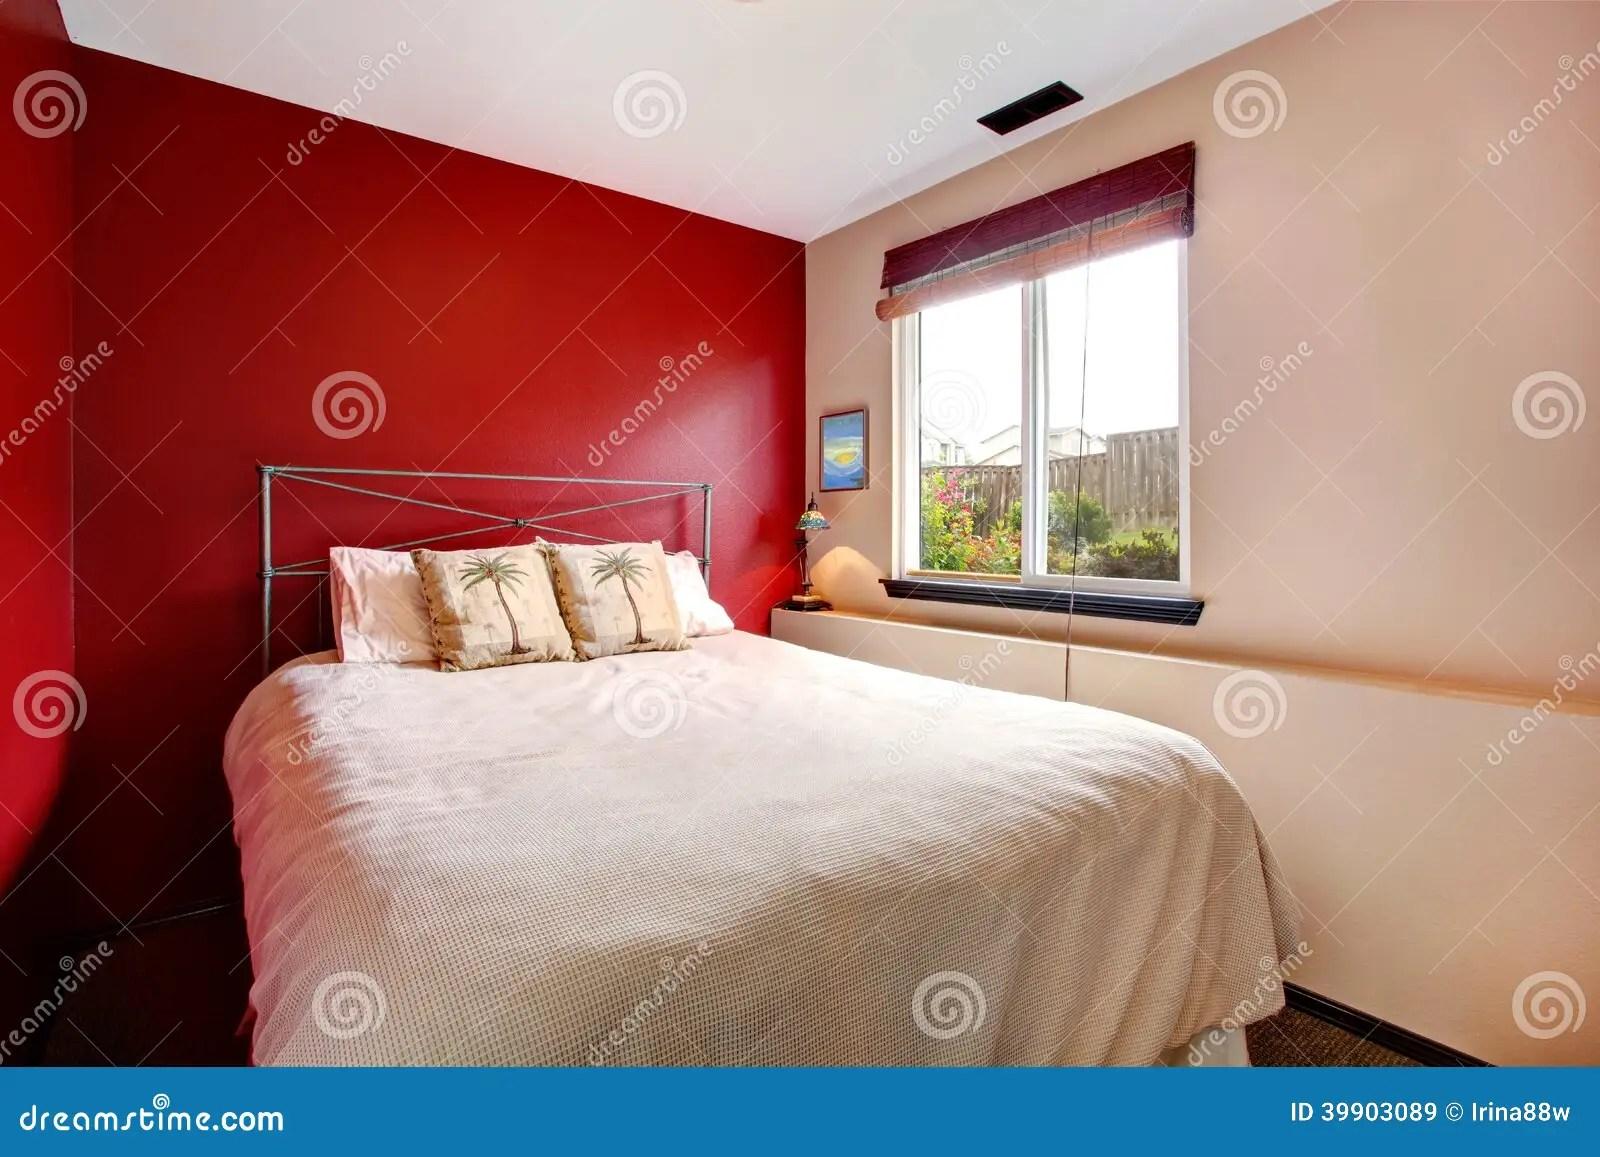 Parete Camera Da Letto Rossa : Camera da letto con parete rossa excellent pareti colorate idee